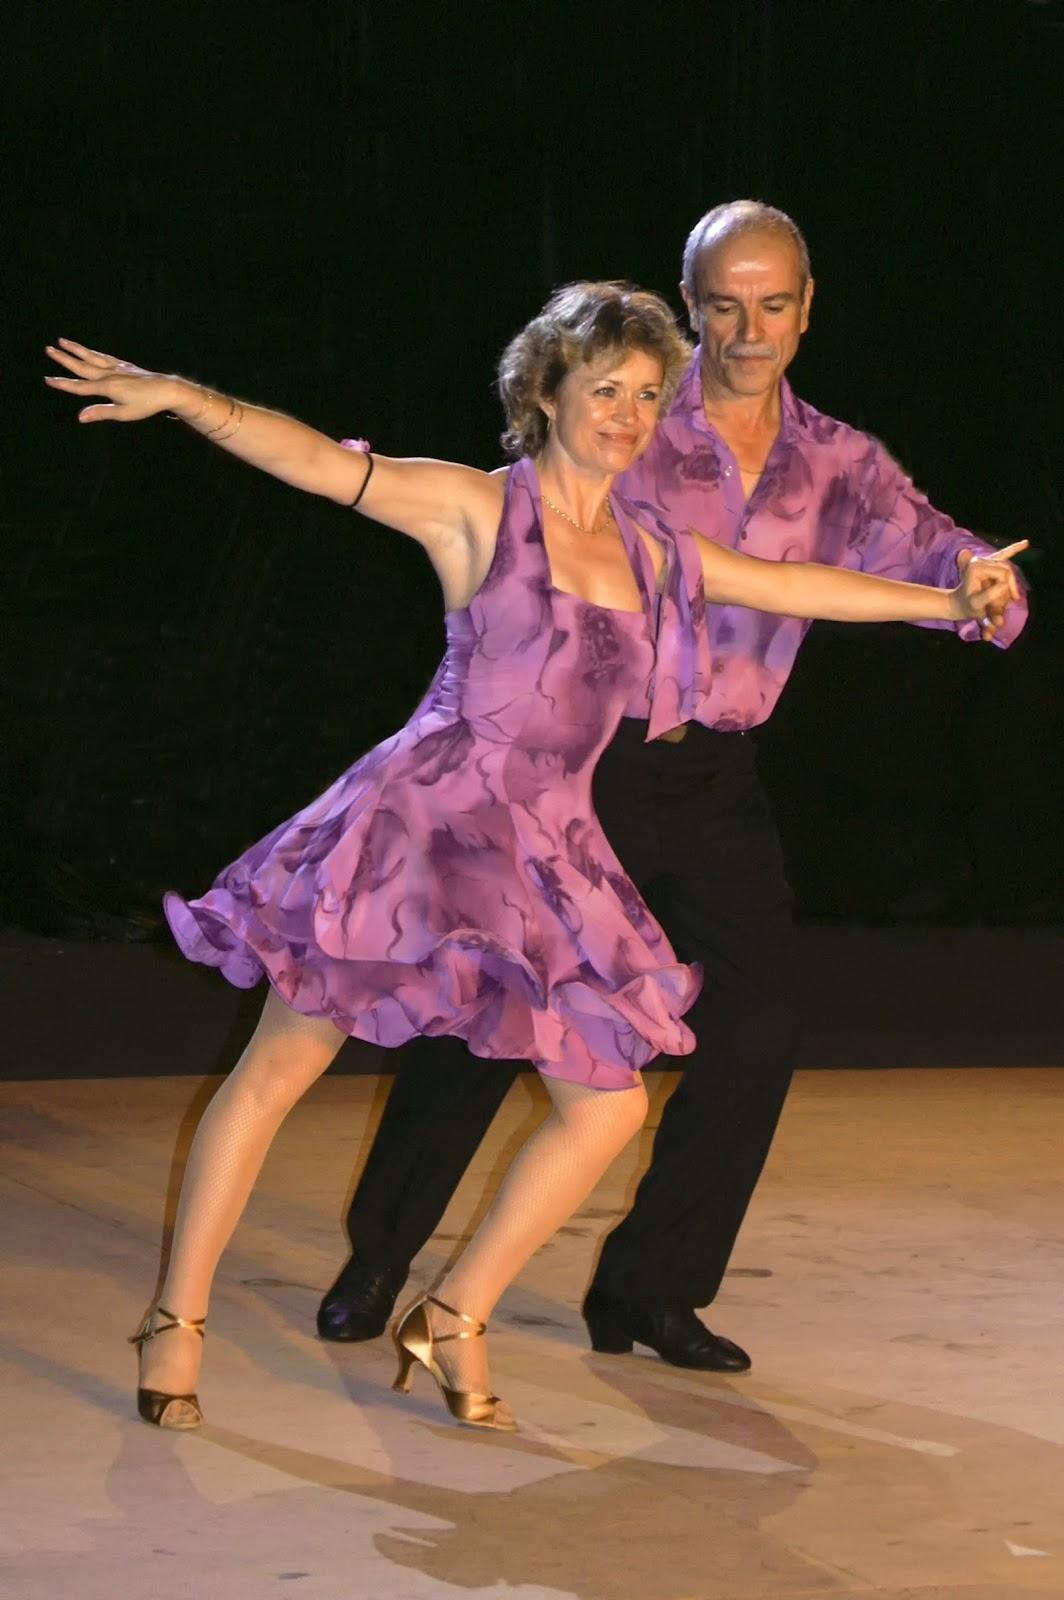 Megadanse danses de salon - Danse de salon lorient ...